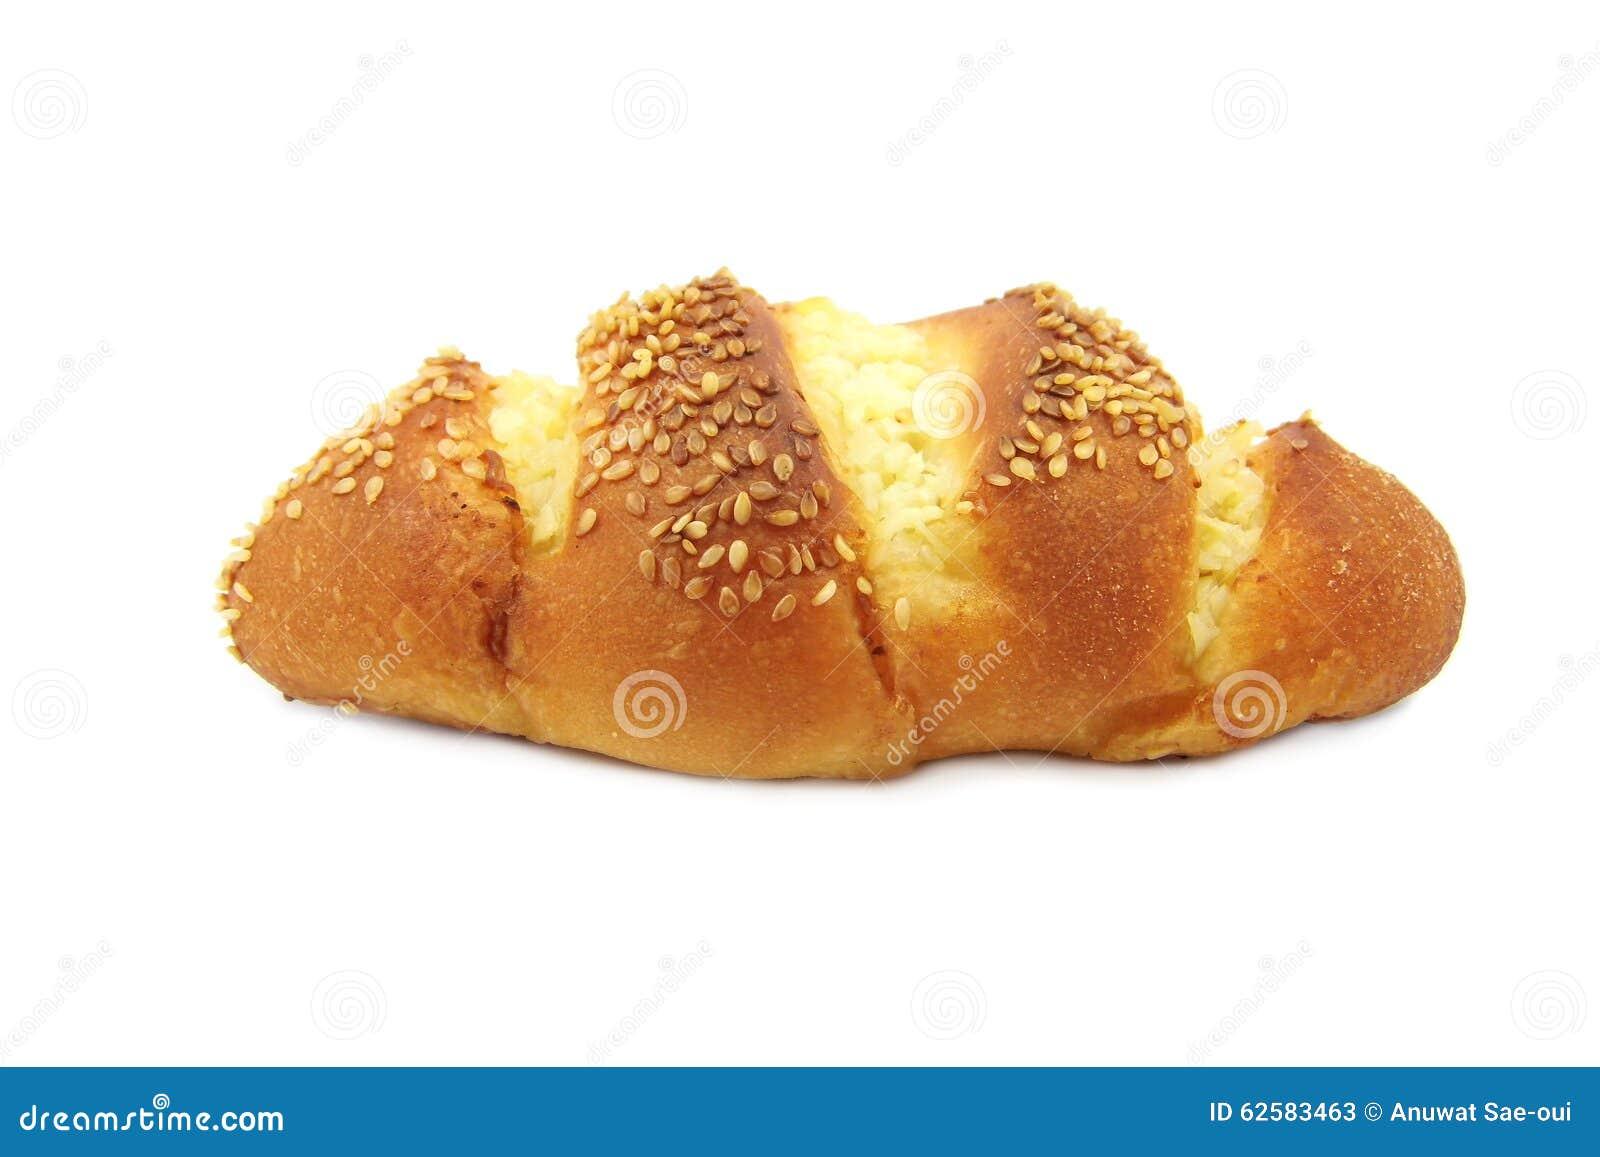 Broodbovenste laagje met knoflook en witte sesam